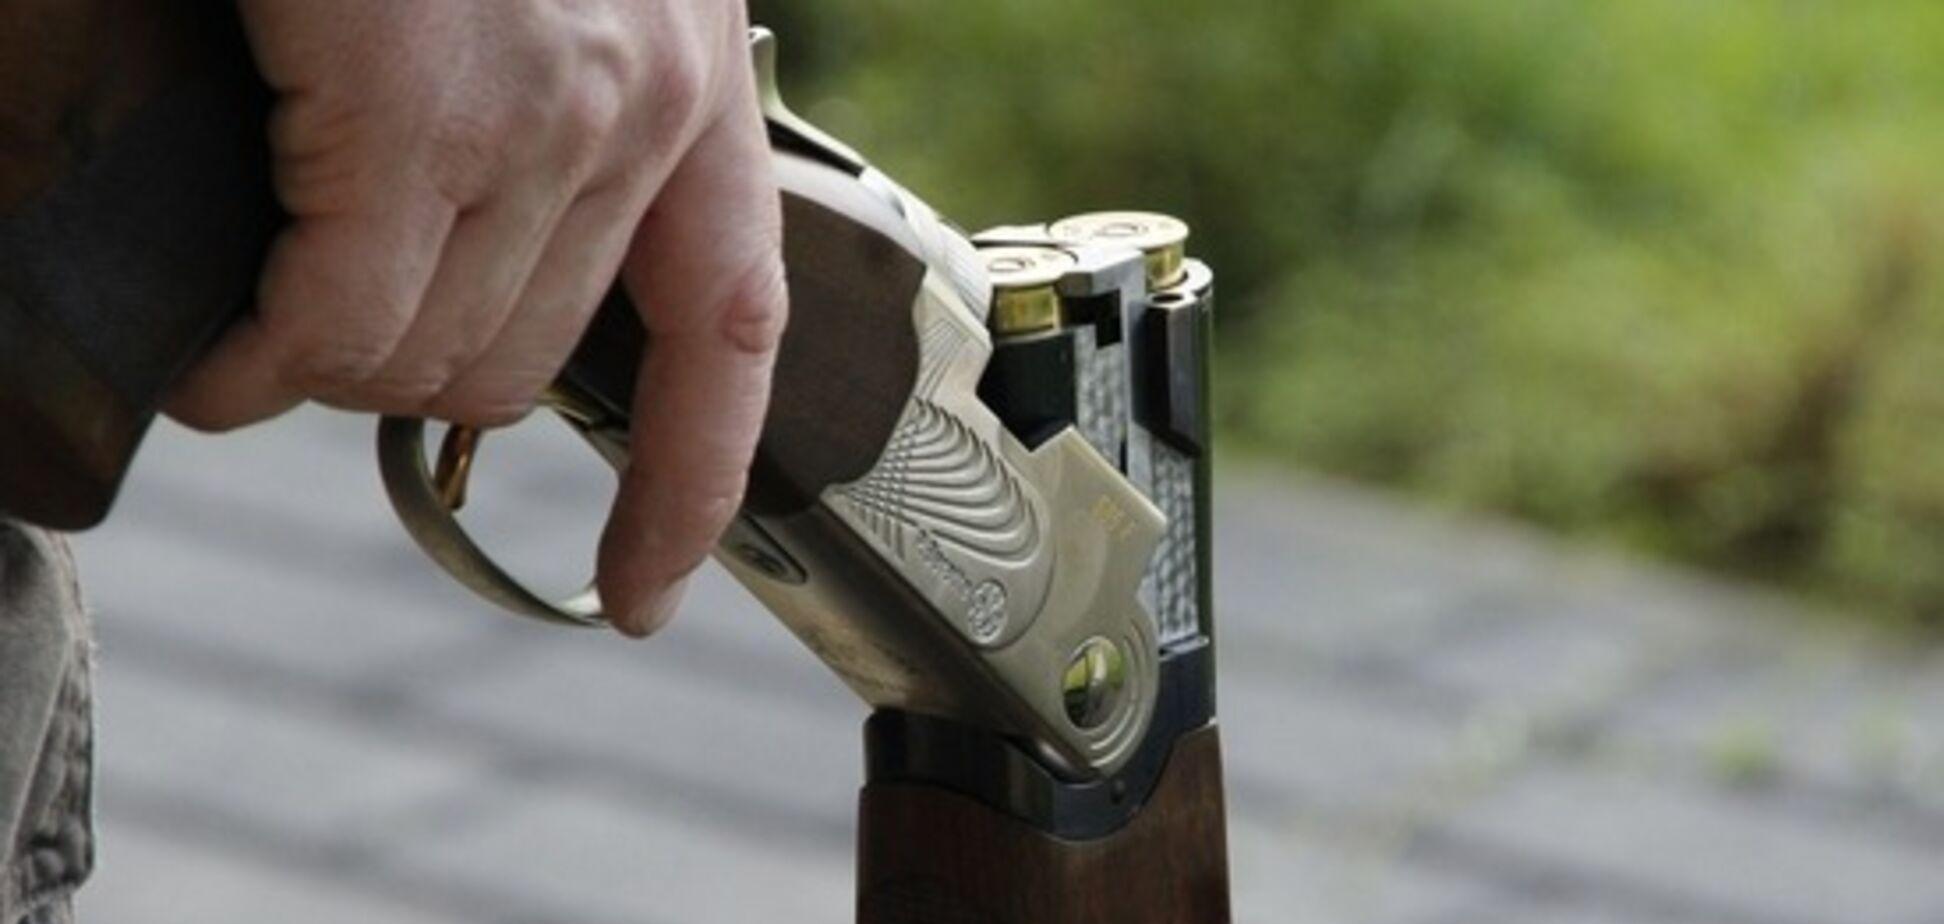 На Дніпропетровщині п'яний чоловік підстрелив сусіда. Фото